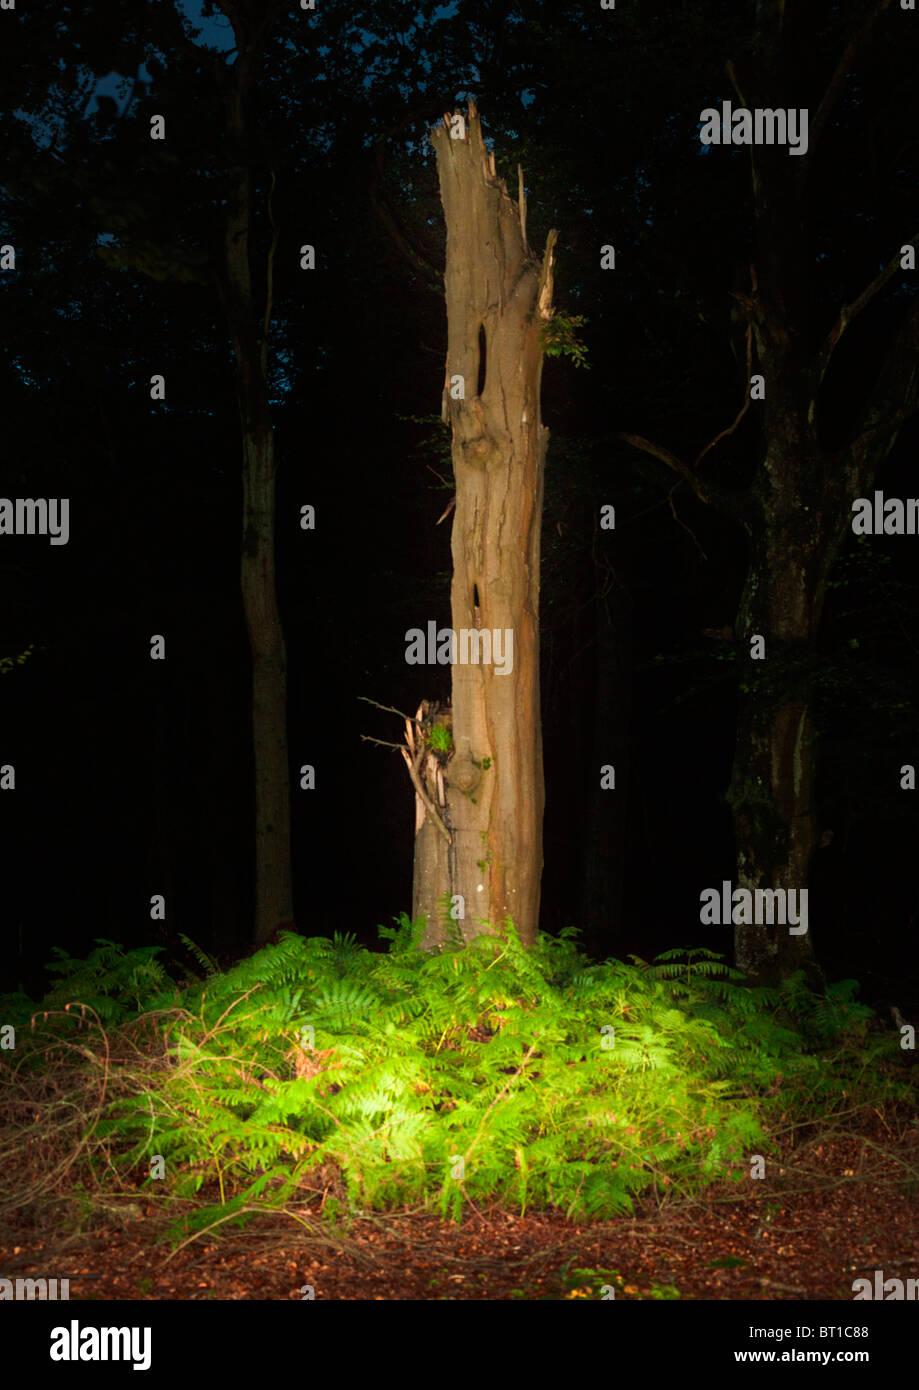 Lone muertos tall tronco de árbol rodeado por helechos y hojas de cobre de otoño Imagen De Stock